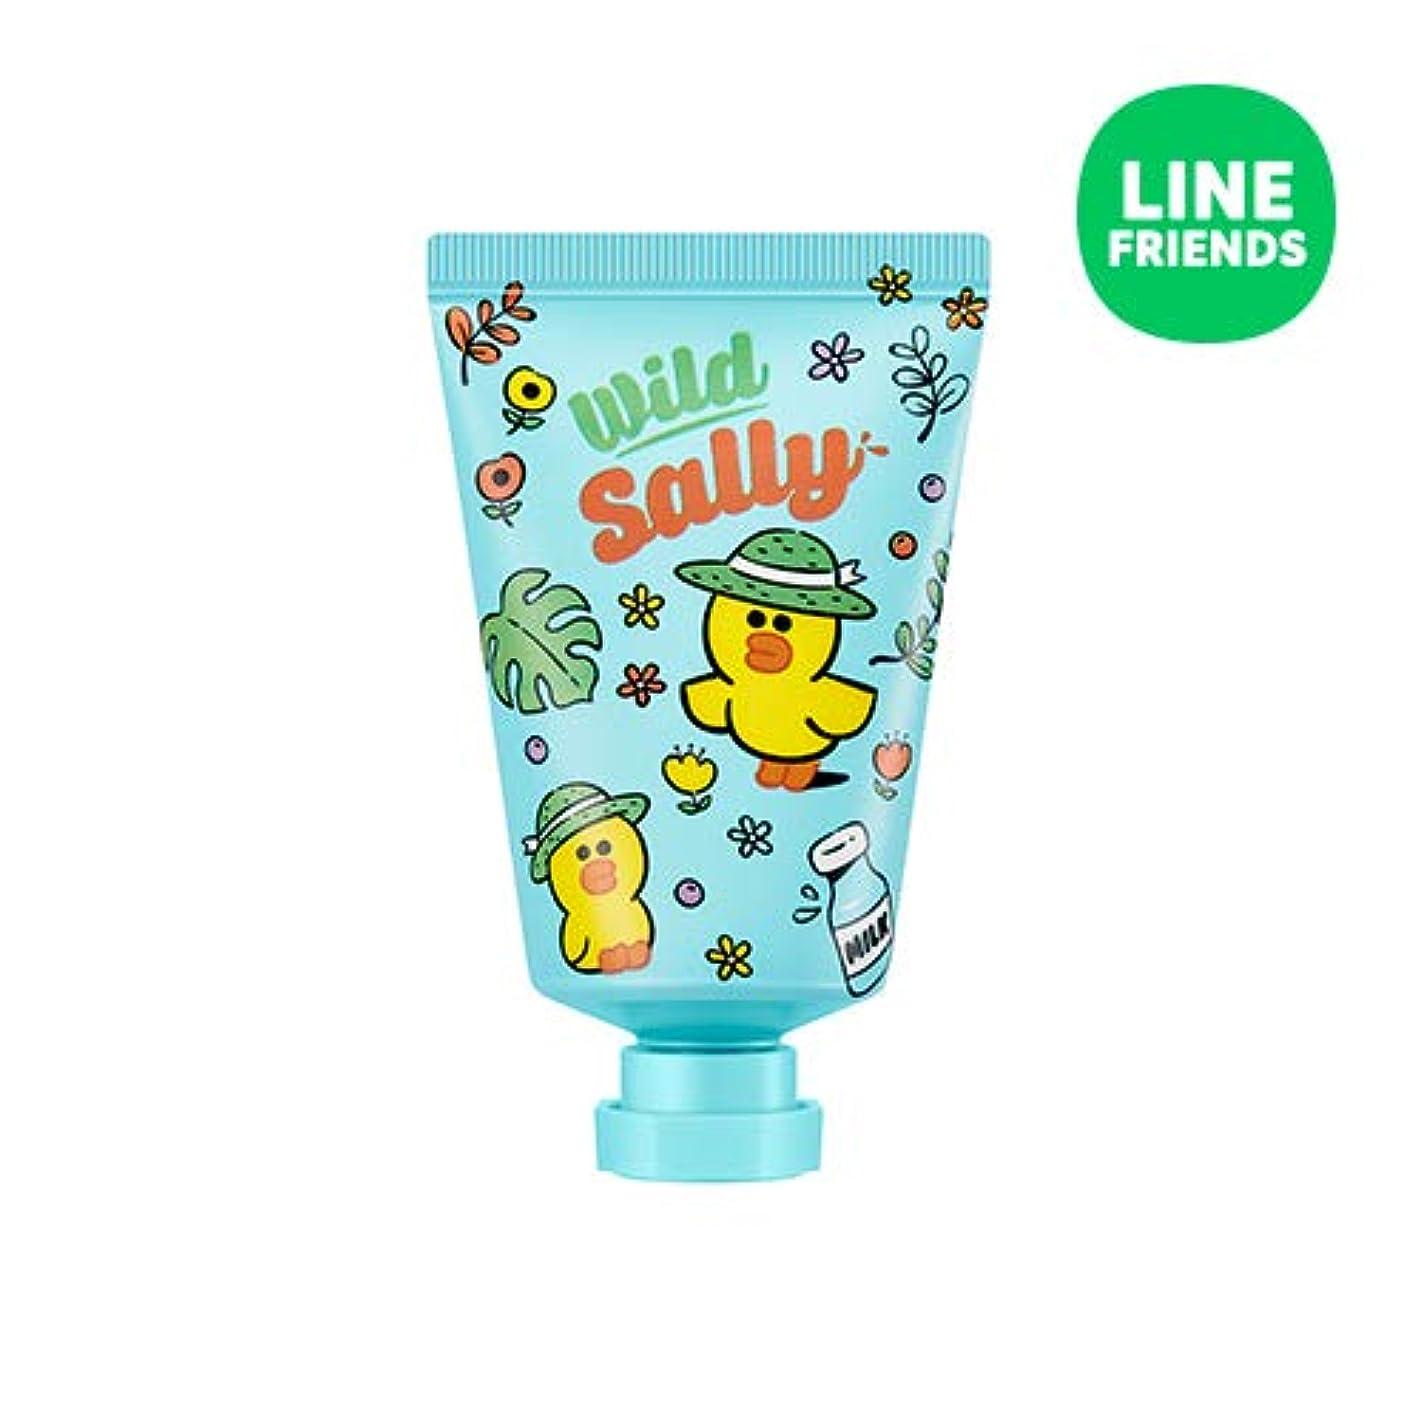 堤防成功した信仰ミシャ(ラインフレンズ)ラブシークレットハンドクリーム 30ml MISSHA [Line Friends Edition] Love Secret Hand Cream - Sally # Cotton White [...